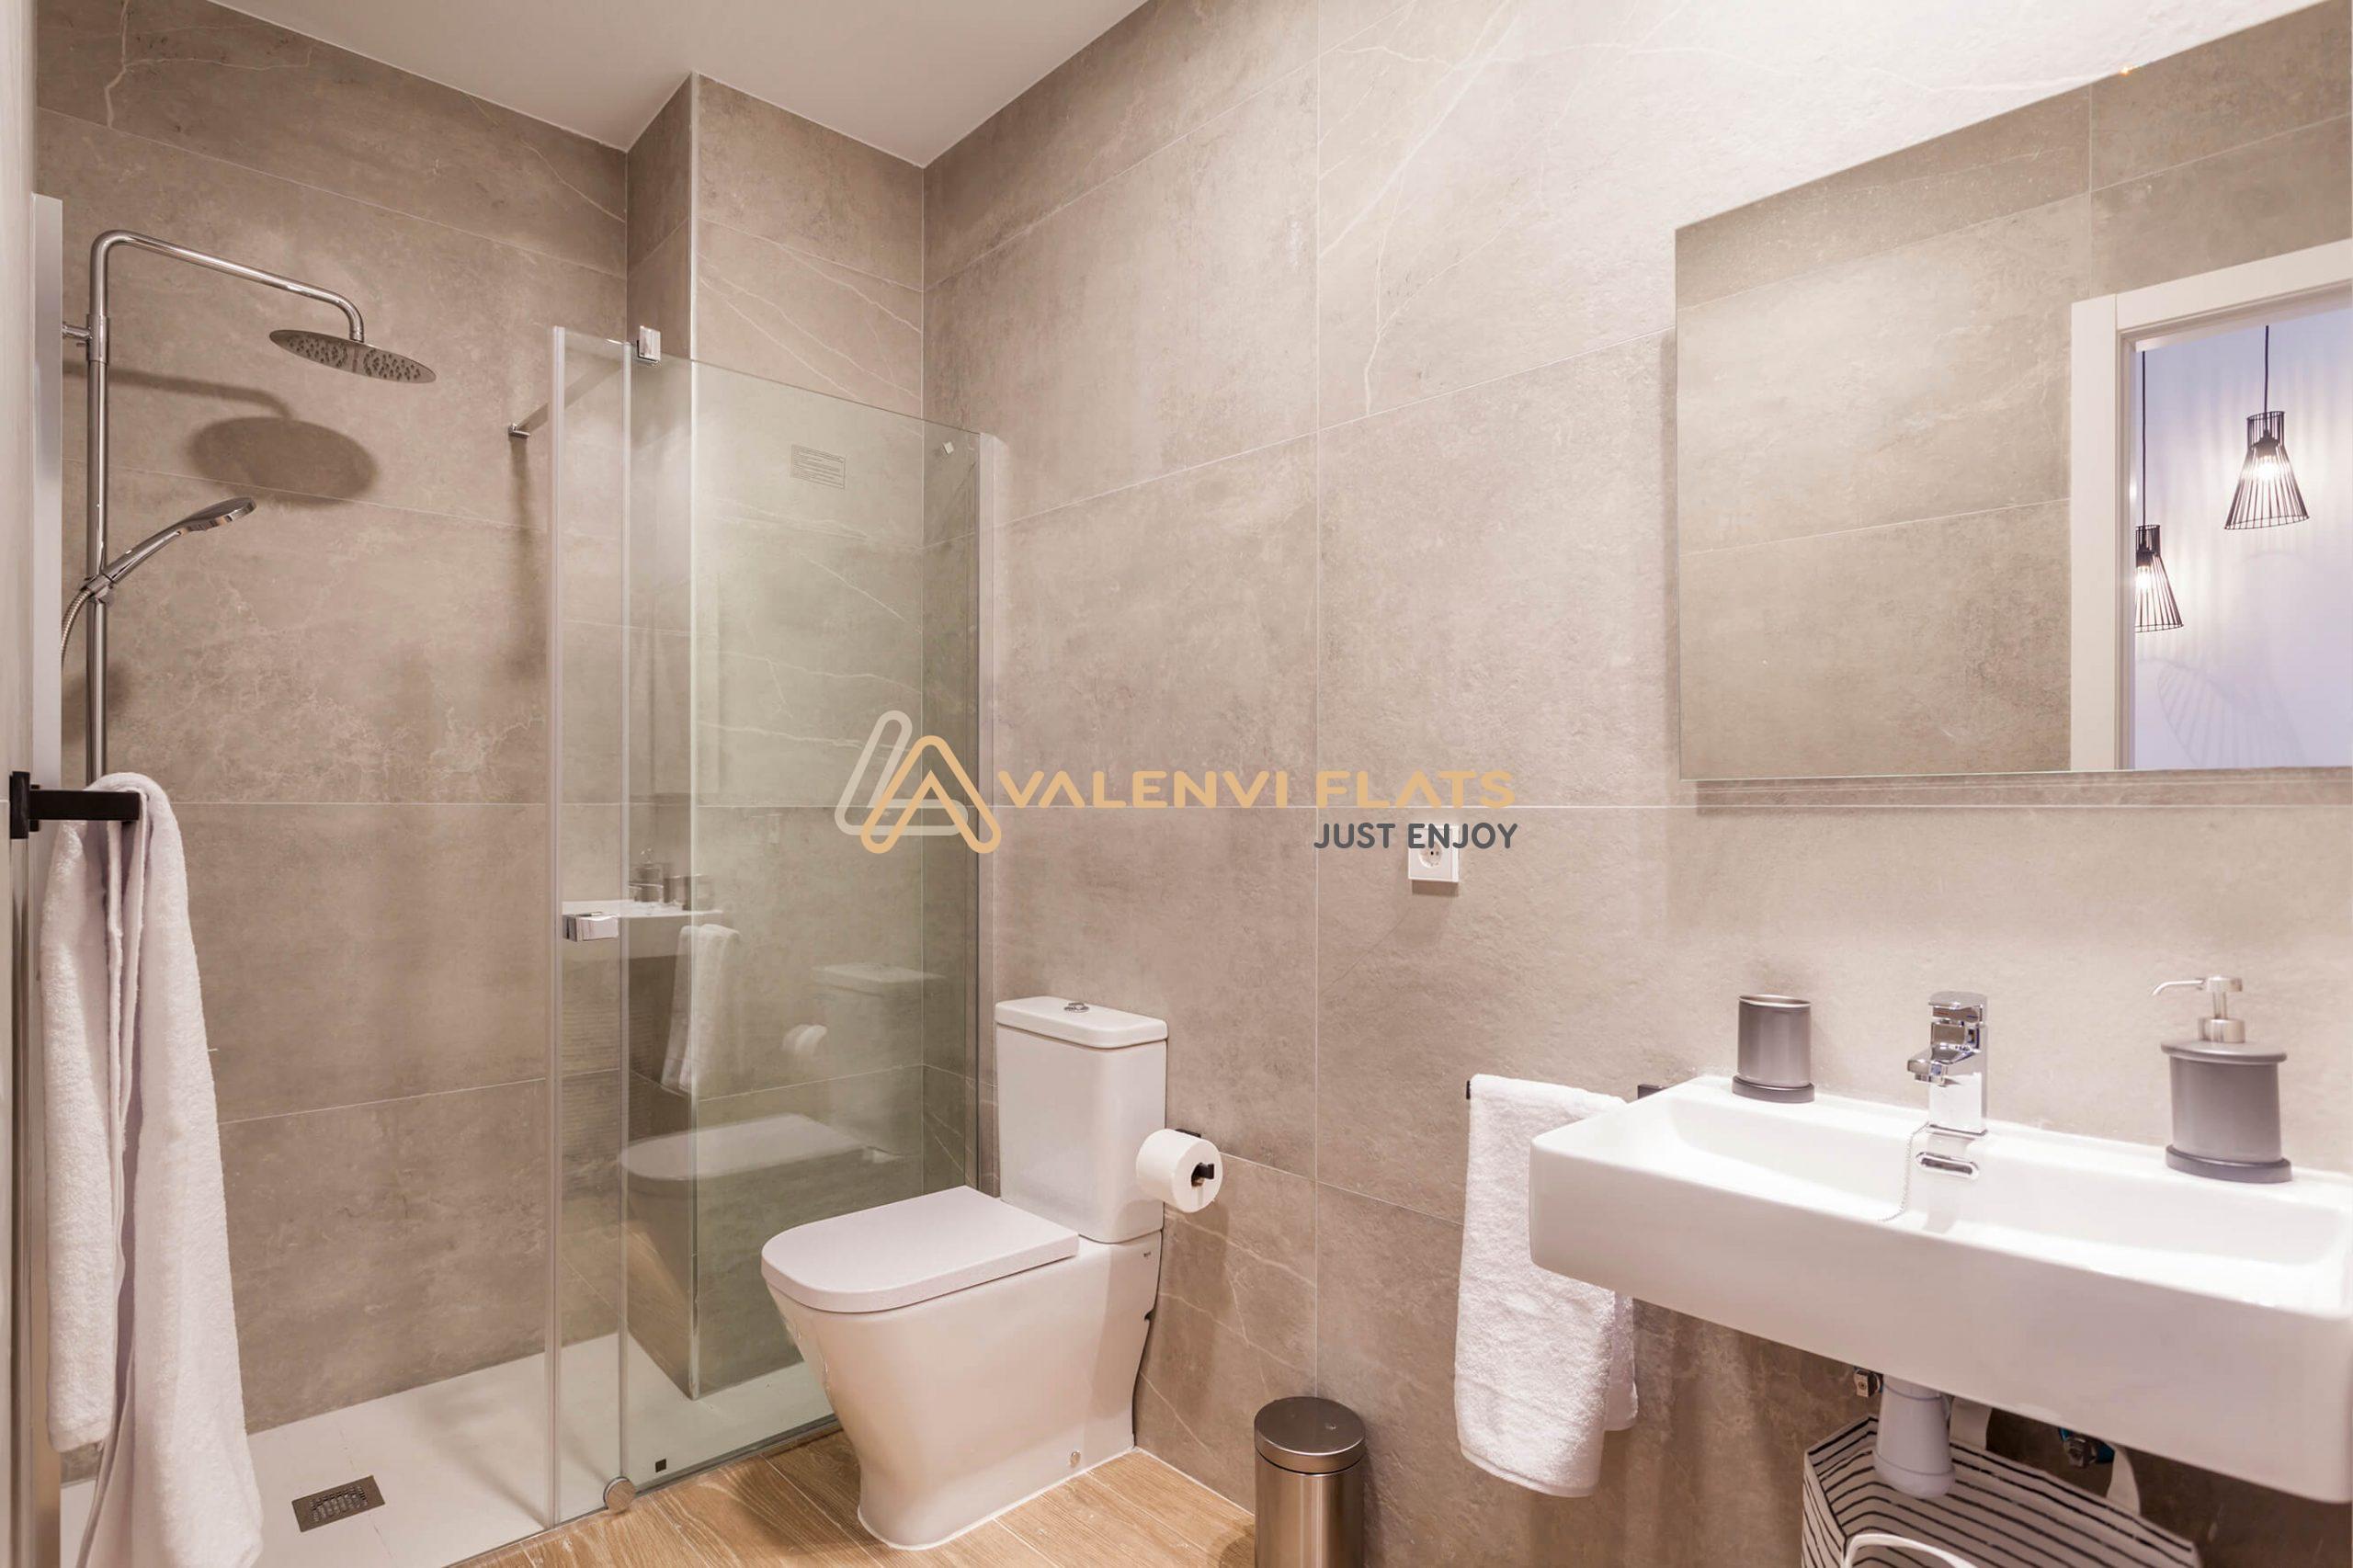 Baño estudio individual con plato de ducha y mampara, wc, toallas y pila con espejo